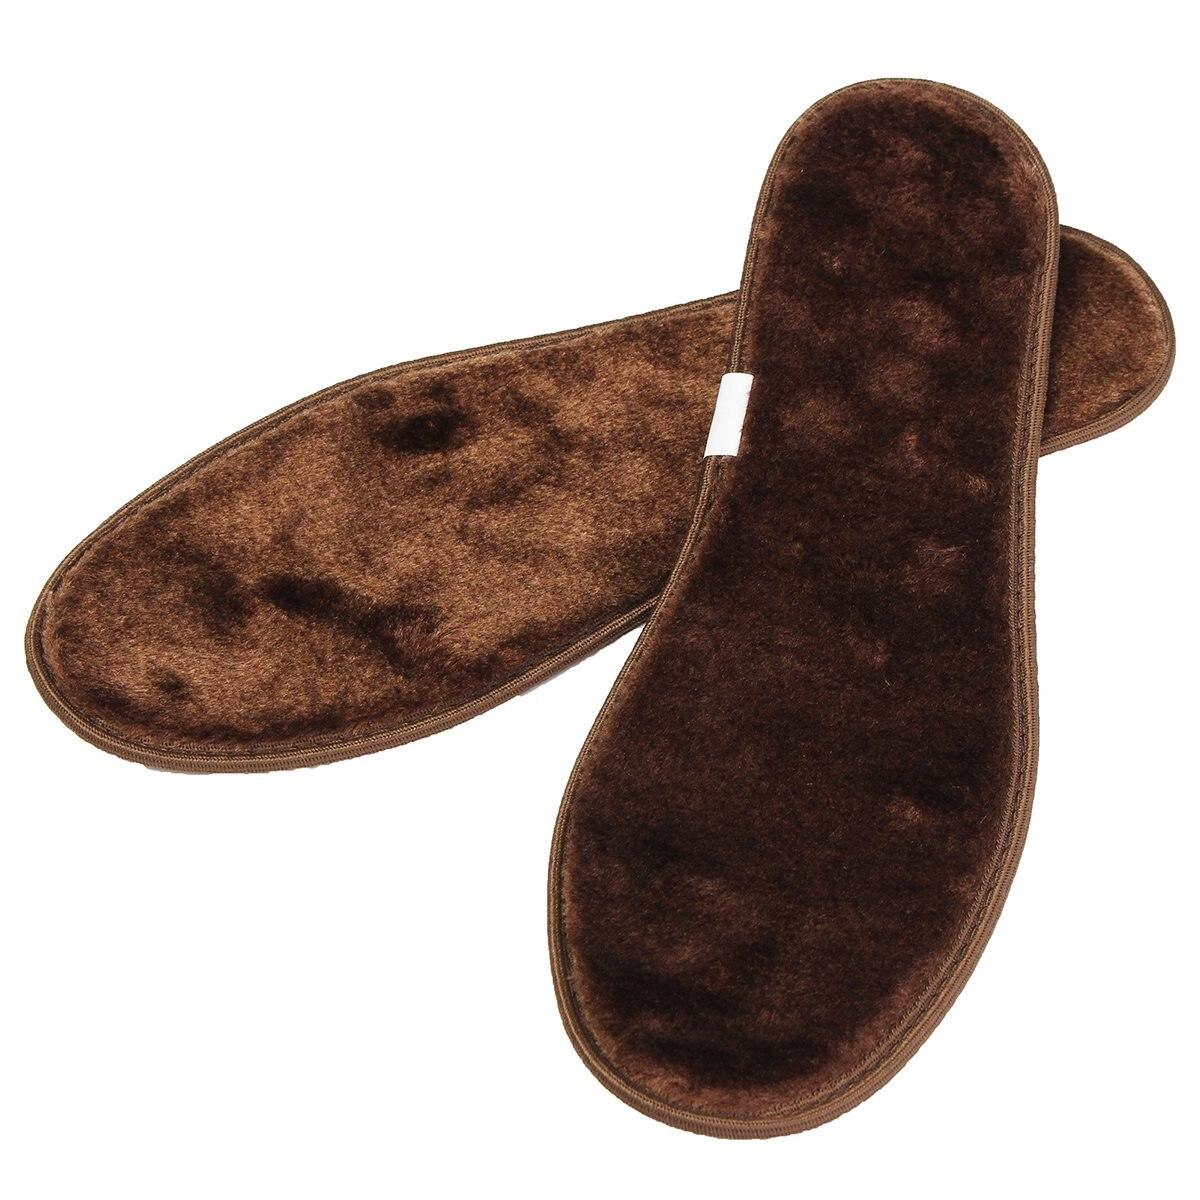 1 par de plantillas de zapatos de piel, grueso cálido calidad transpirable invierno Plantilla de suelas de hombre y mujer bota de nieve tamaño 36-45 Unisex Almohadillas de manga metatarsiana KOTLIKOFF, almohadillas de Gel para el antepié, almohadilla de medio calcetín, soportes para prevenir ampollas de callos